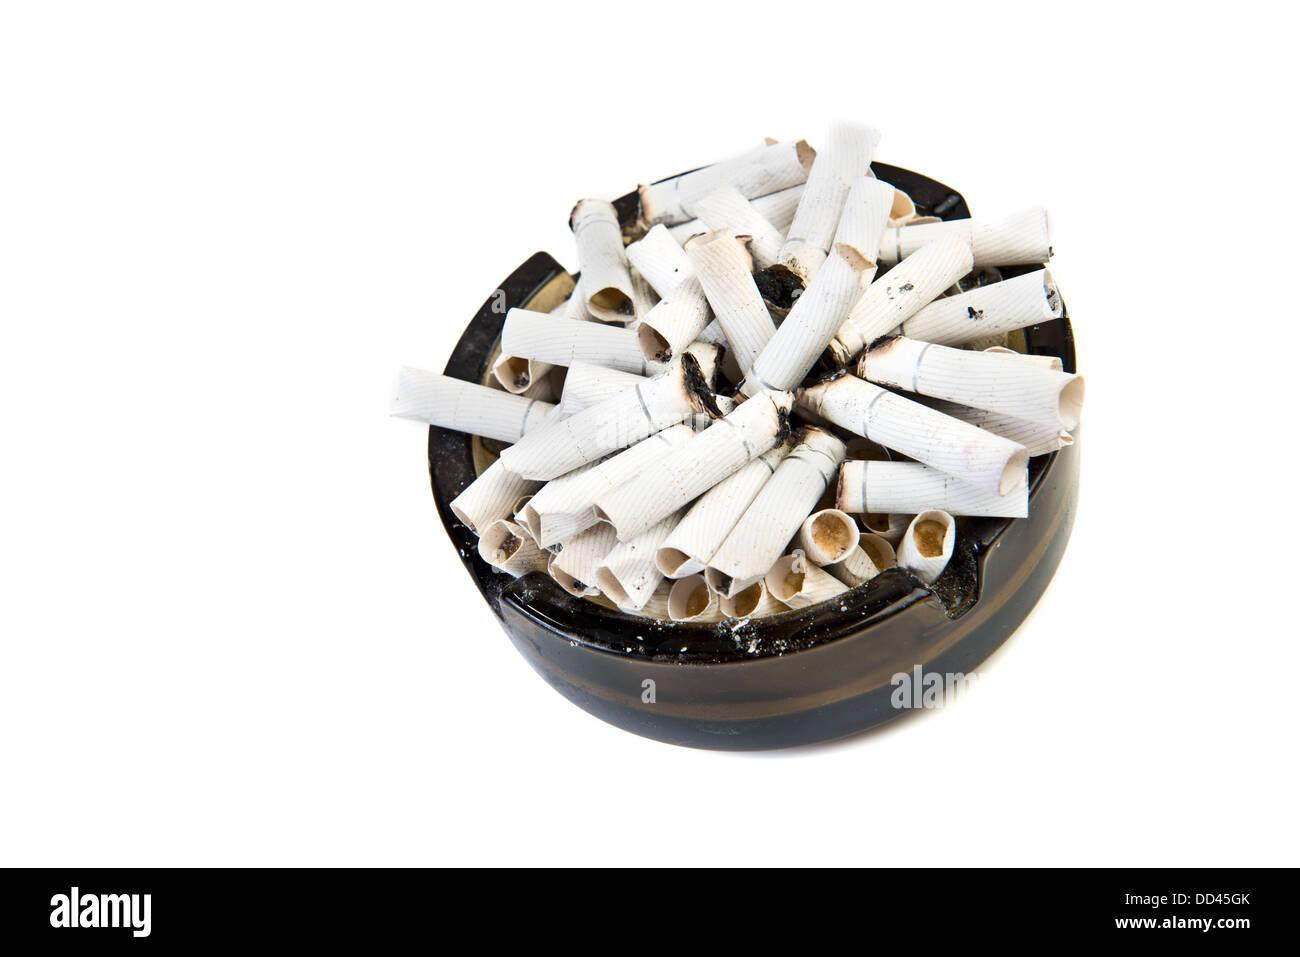 ashtray with many cigarettes on white background Stock Photo